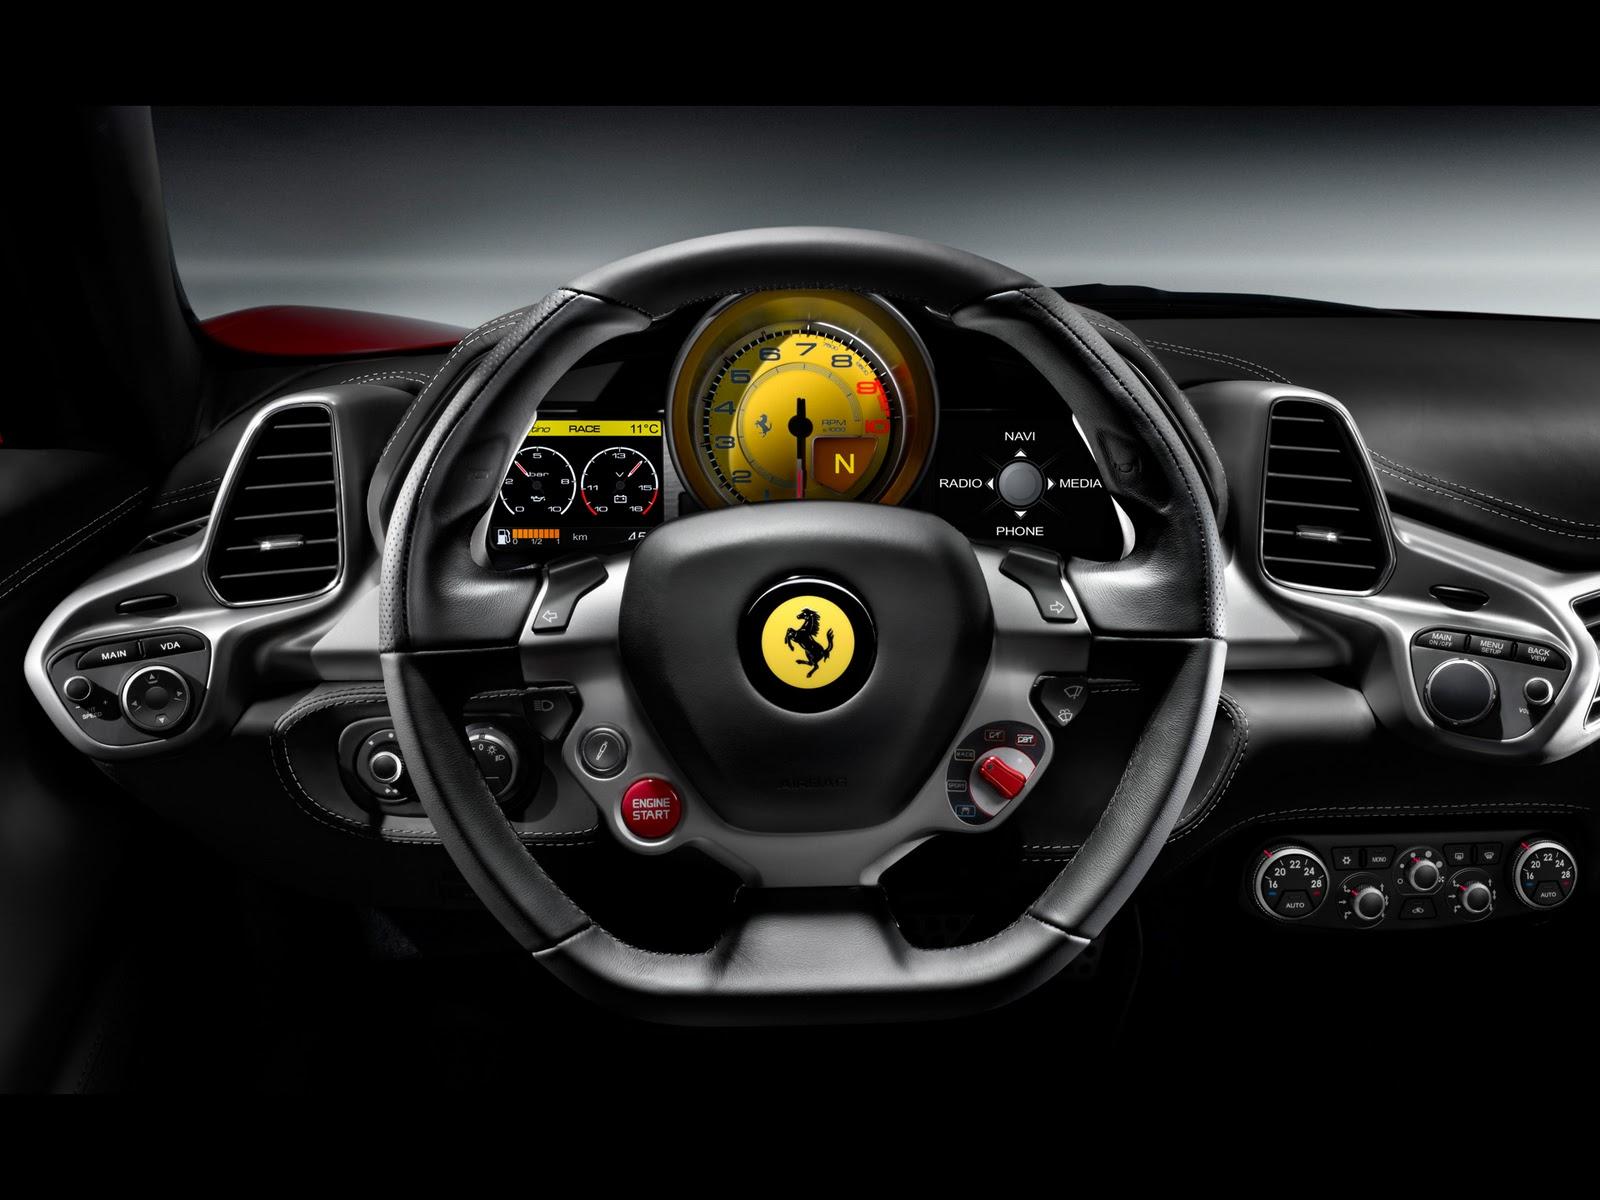 http://1.bp.blogspot.com/_viCh1SFyGrA/TOWjj7wc_6I/AAAAAAAAAE0/SShawEH6B5Q/s1600/2010-Ferrari-458-Italia-Dashboard-1920x1440.jpg